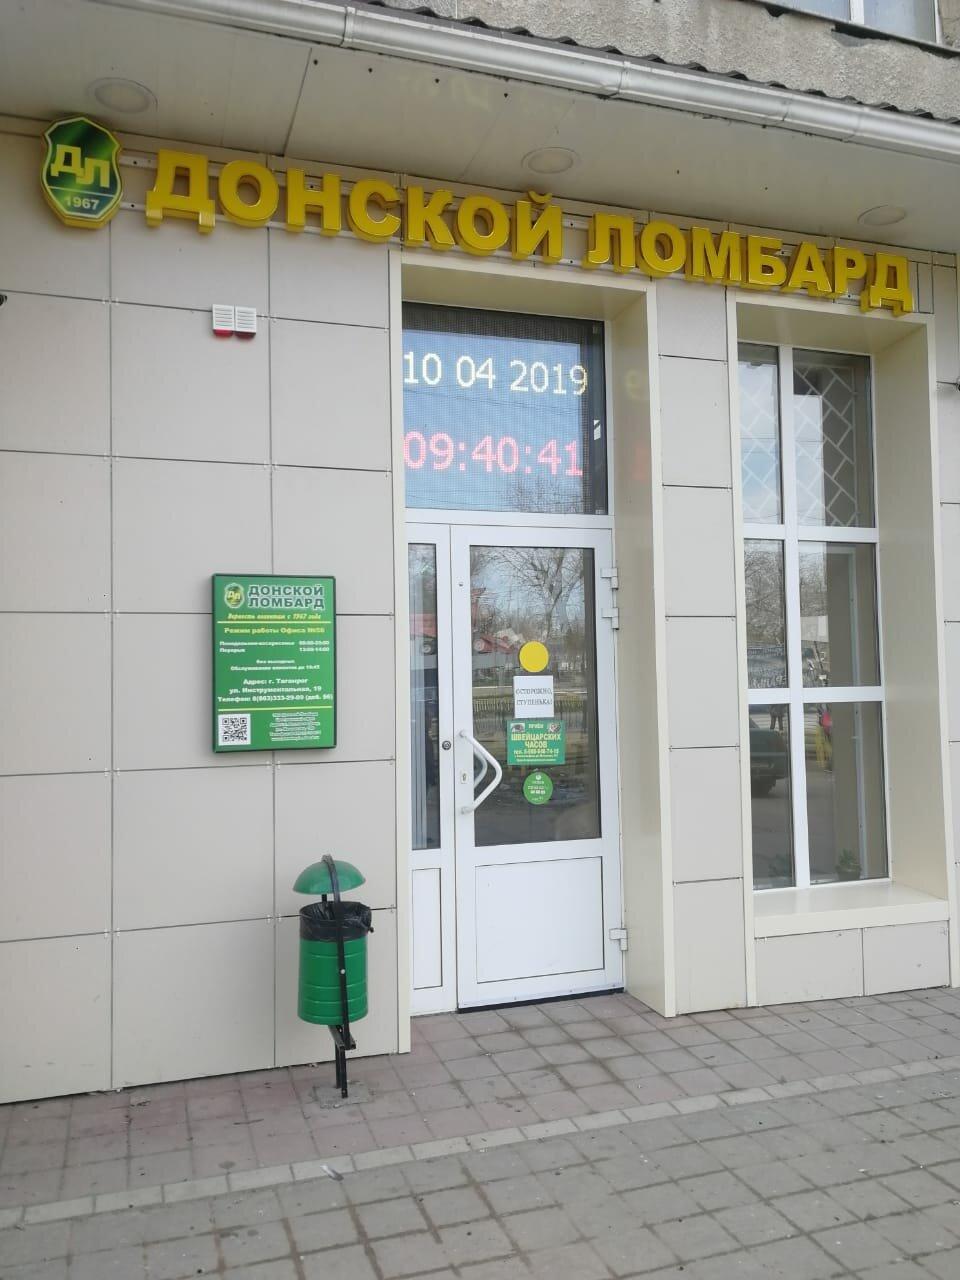 Тульская ломбард область донской часов часовщик ломбард москва